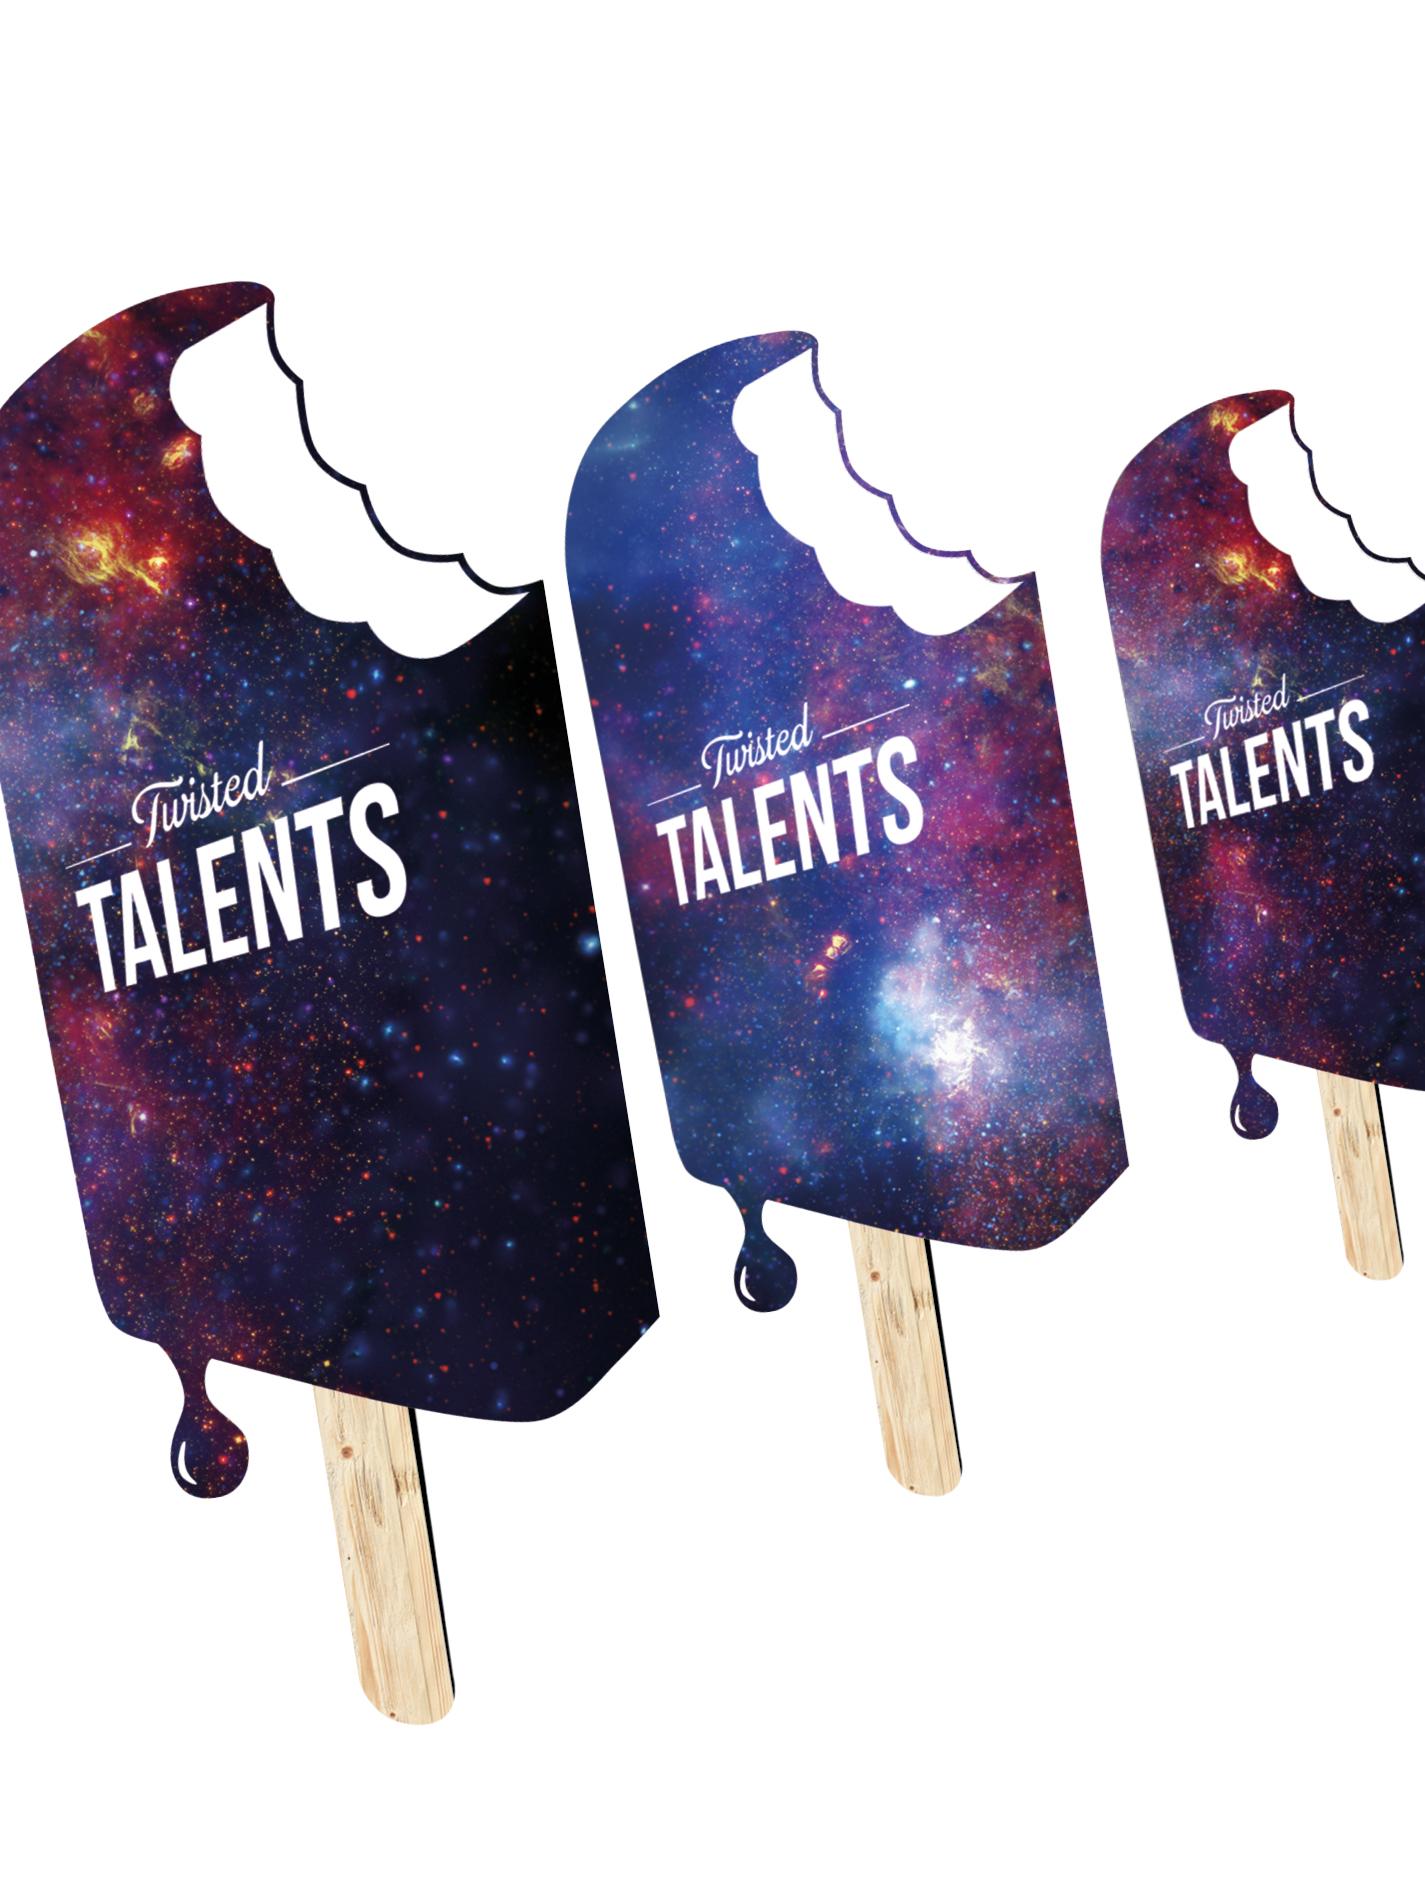 TWISTED TALENTS Graphic Design T-Shirts einfach online kaufen.Icecream Universe